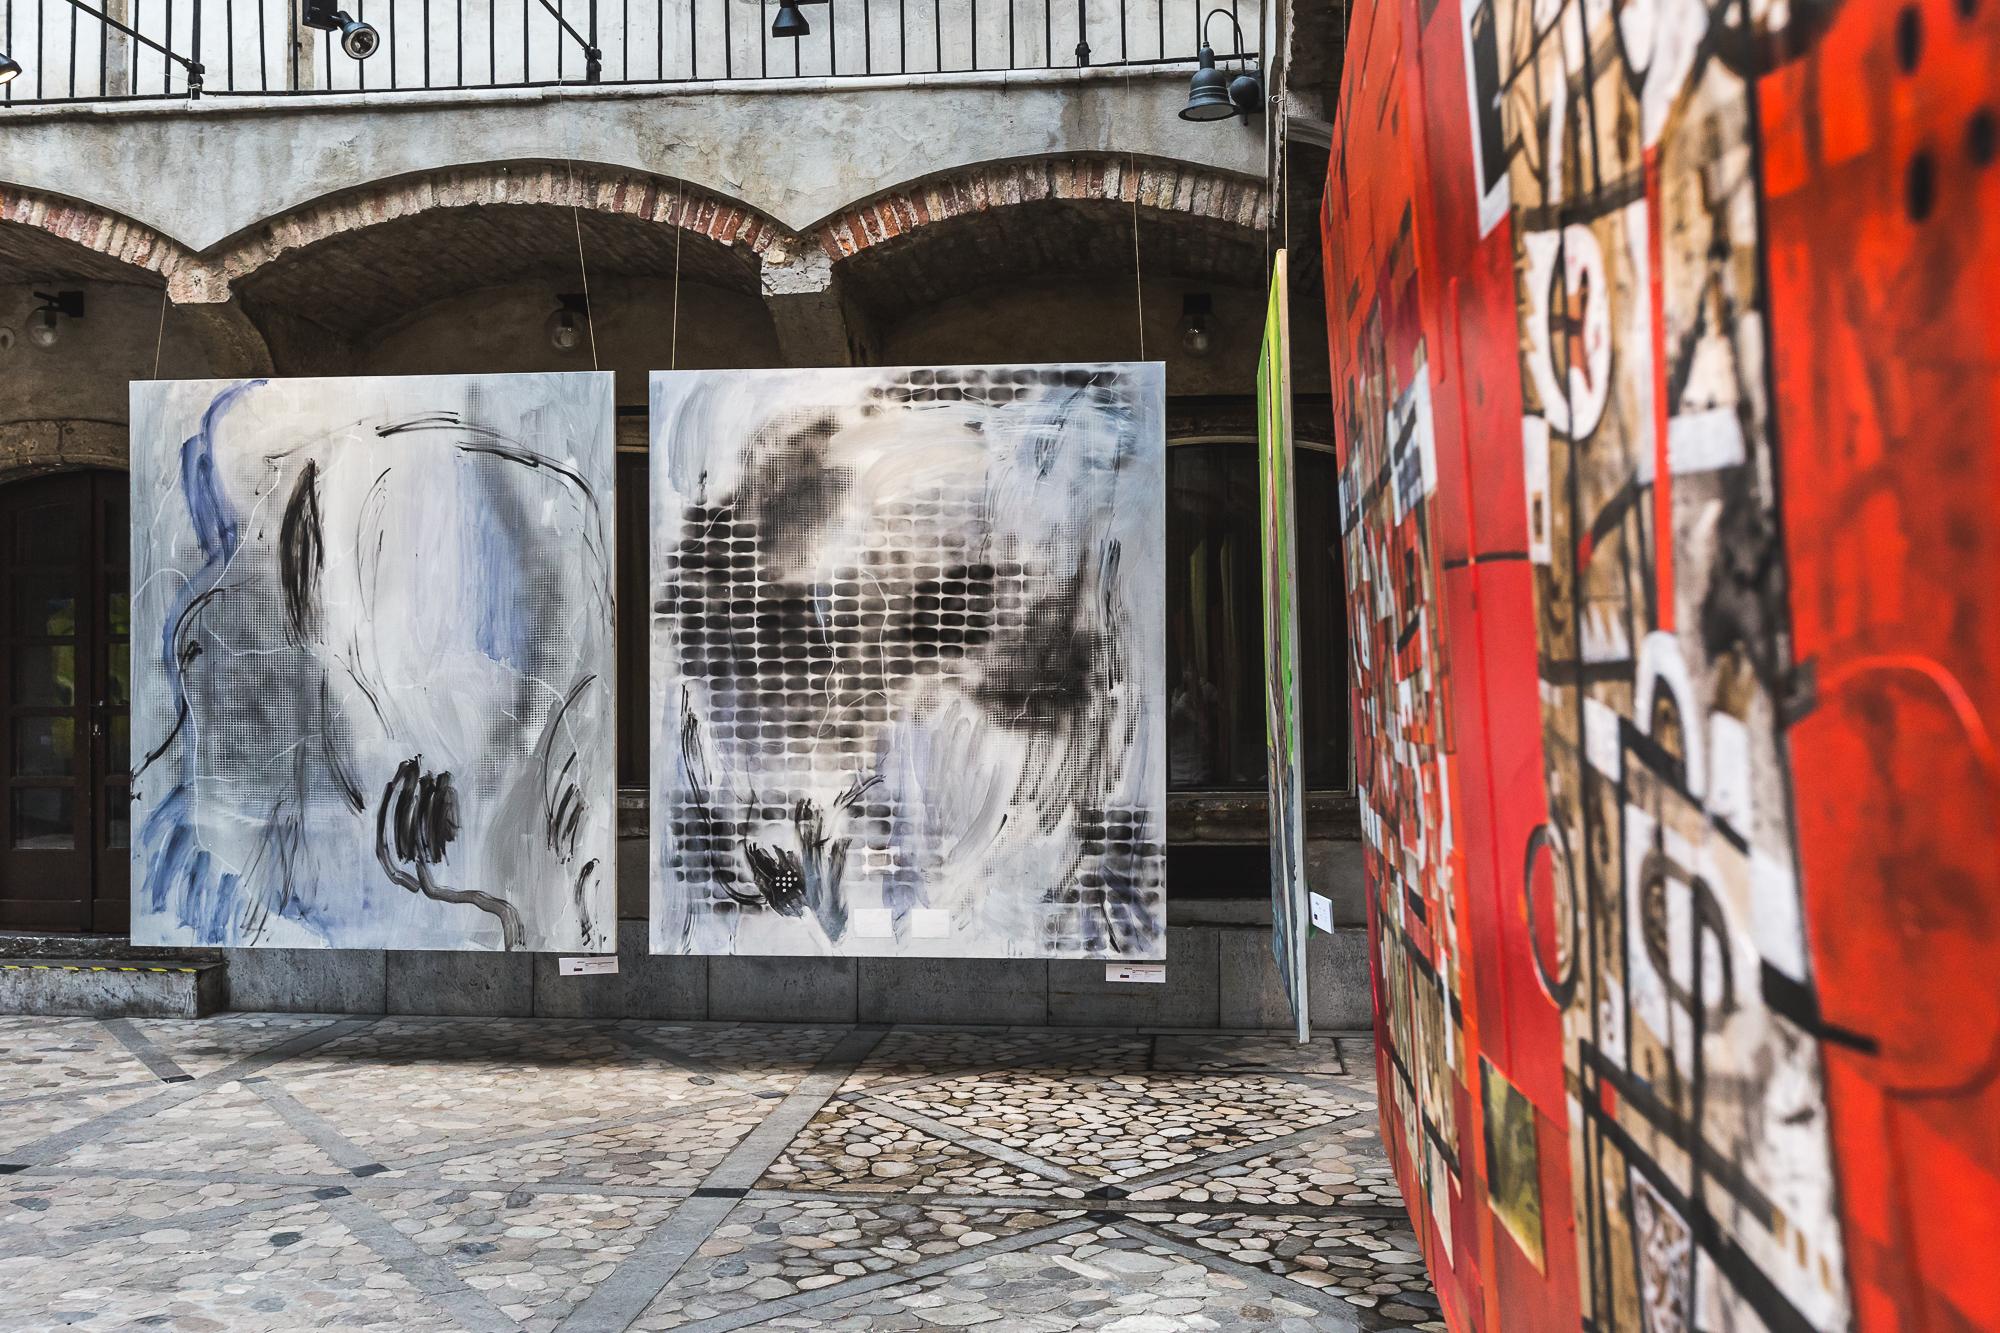 JAPONSKA / SLOVENIJA, Mestna hiša Ljubljana / Preko meja, razstava sodobne umetnosti